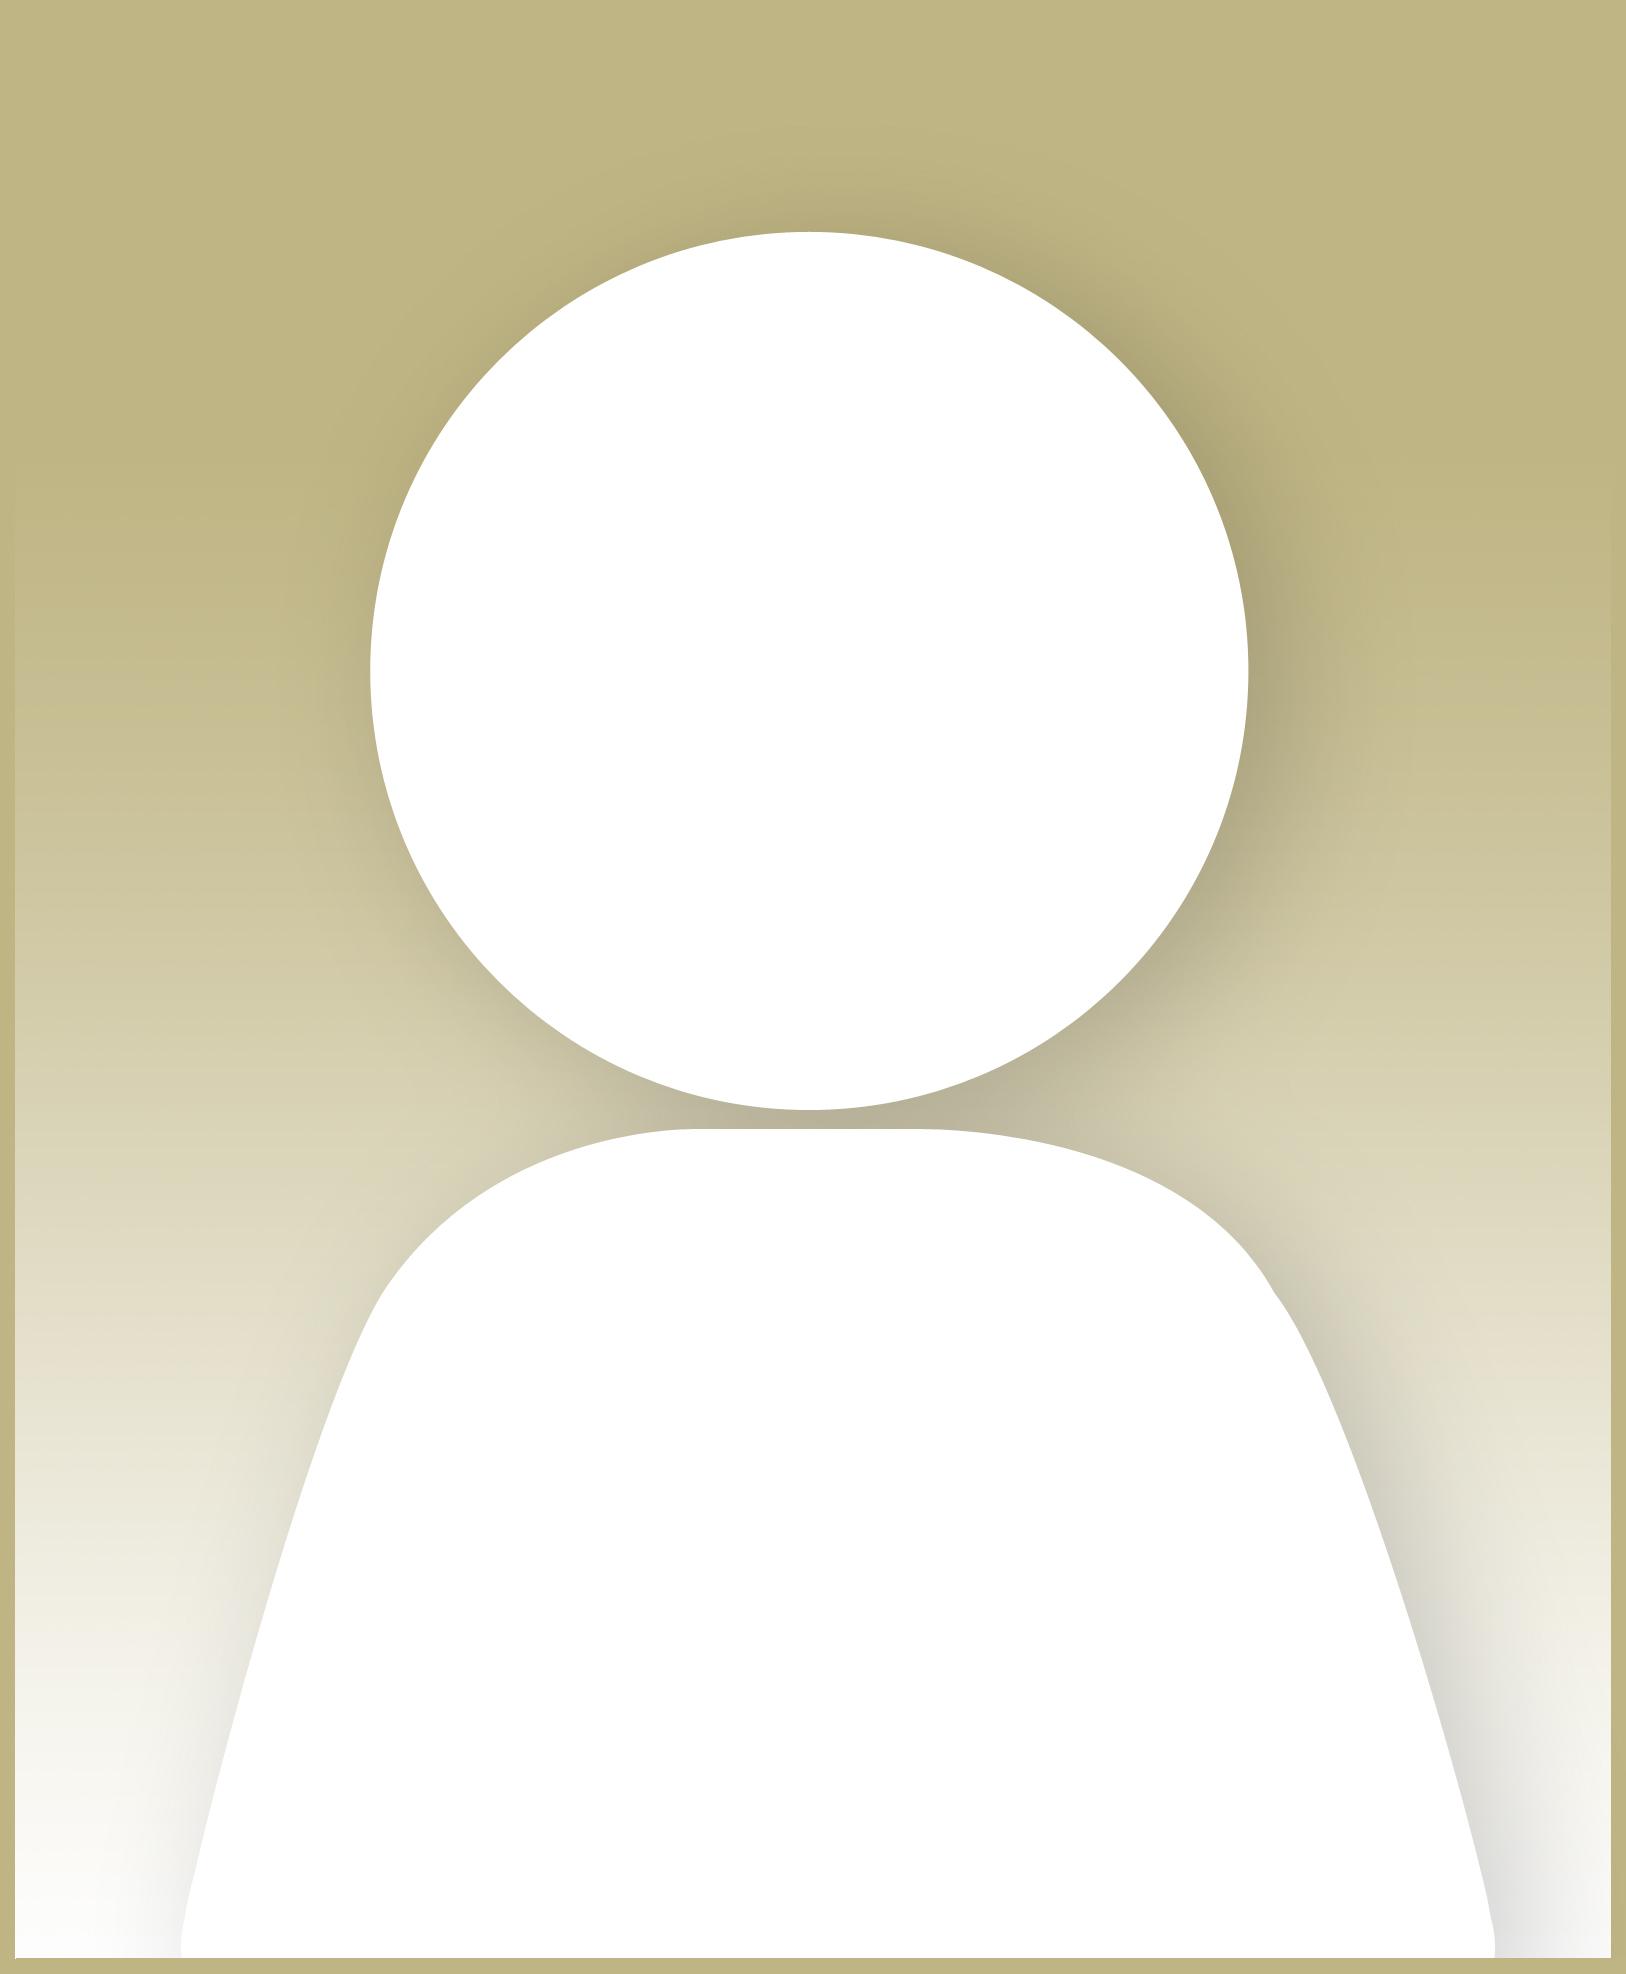 portrait-avatar-placeholder